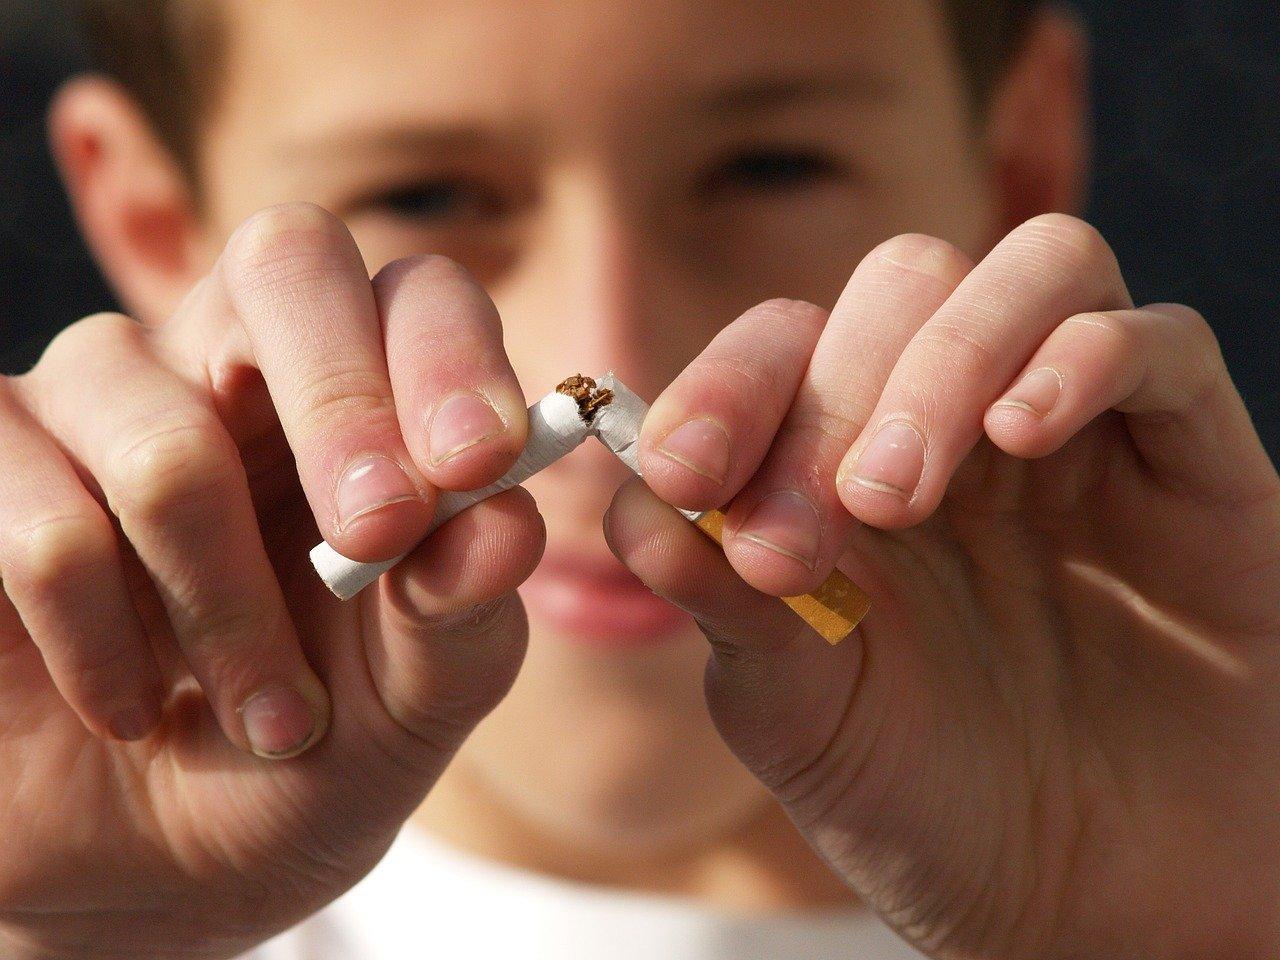 indari Beberapa Kebiasaan Buruk yang Dapat Merusak Pola Hidup Sehat